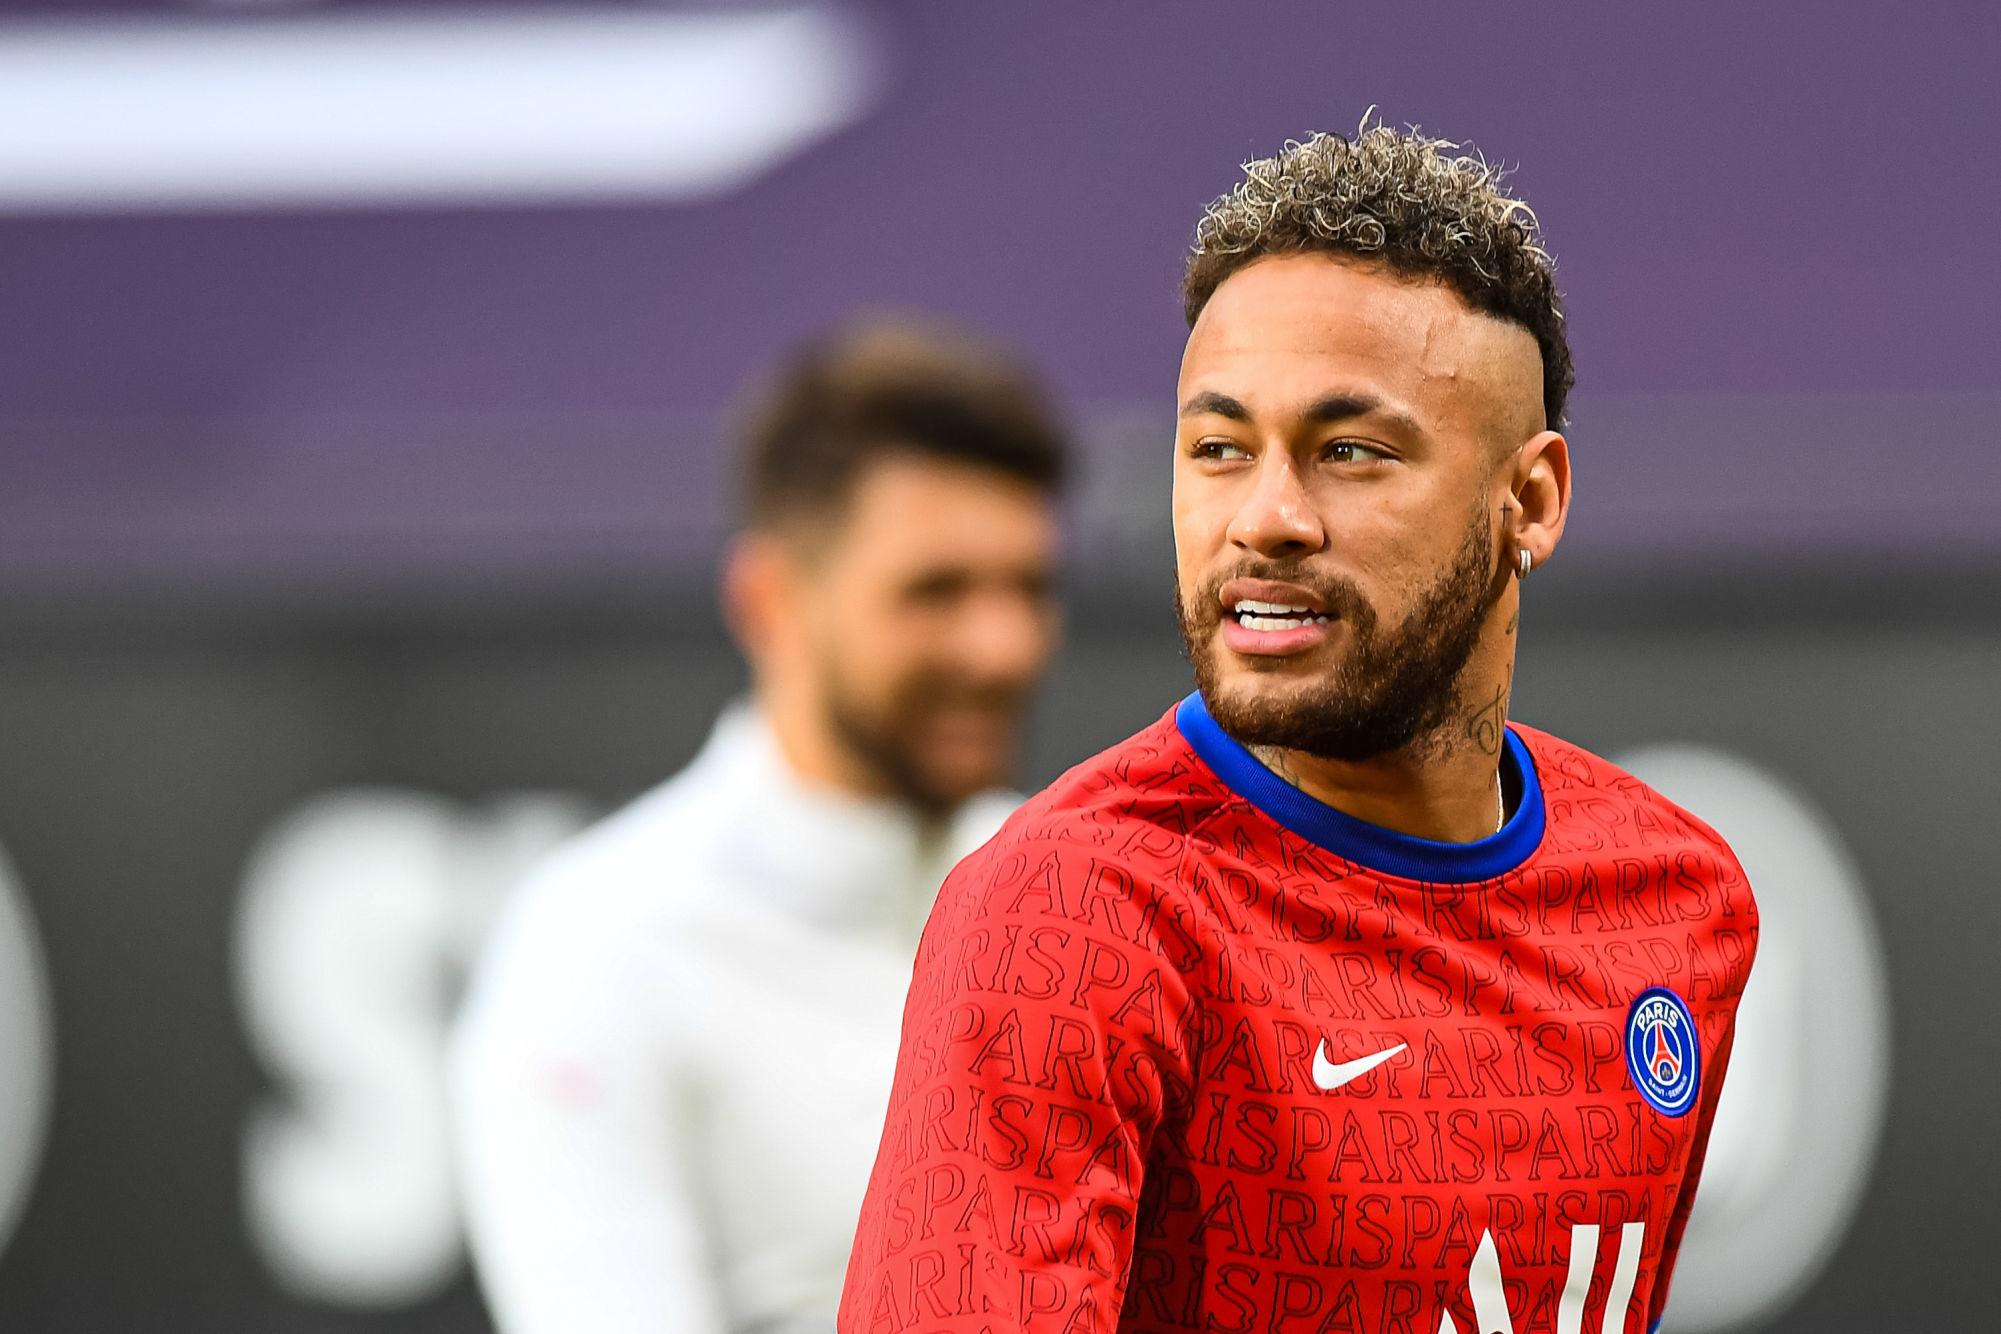 Neymar explique qu'il aimerait pouvoir jouer avec Cristiano Ronaldo